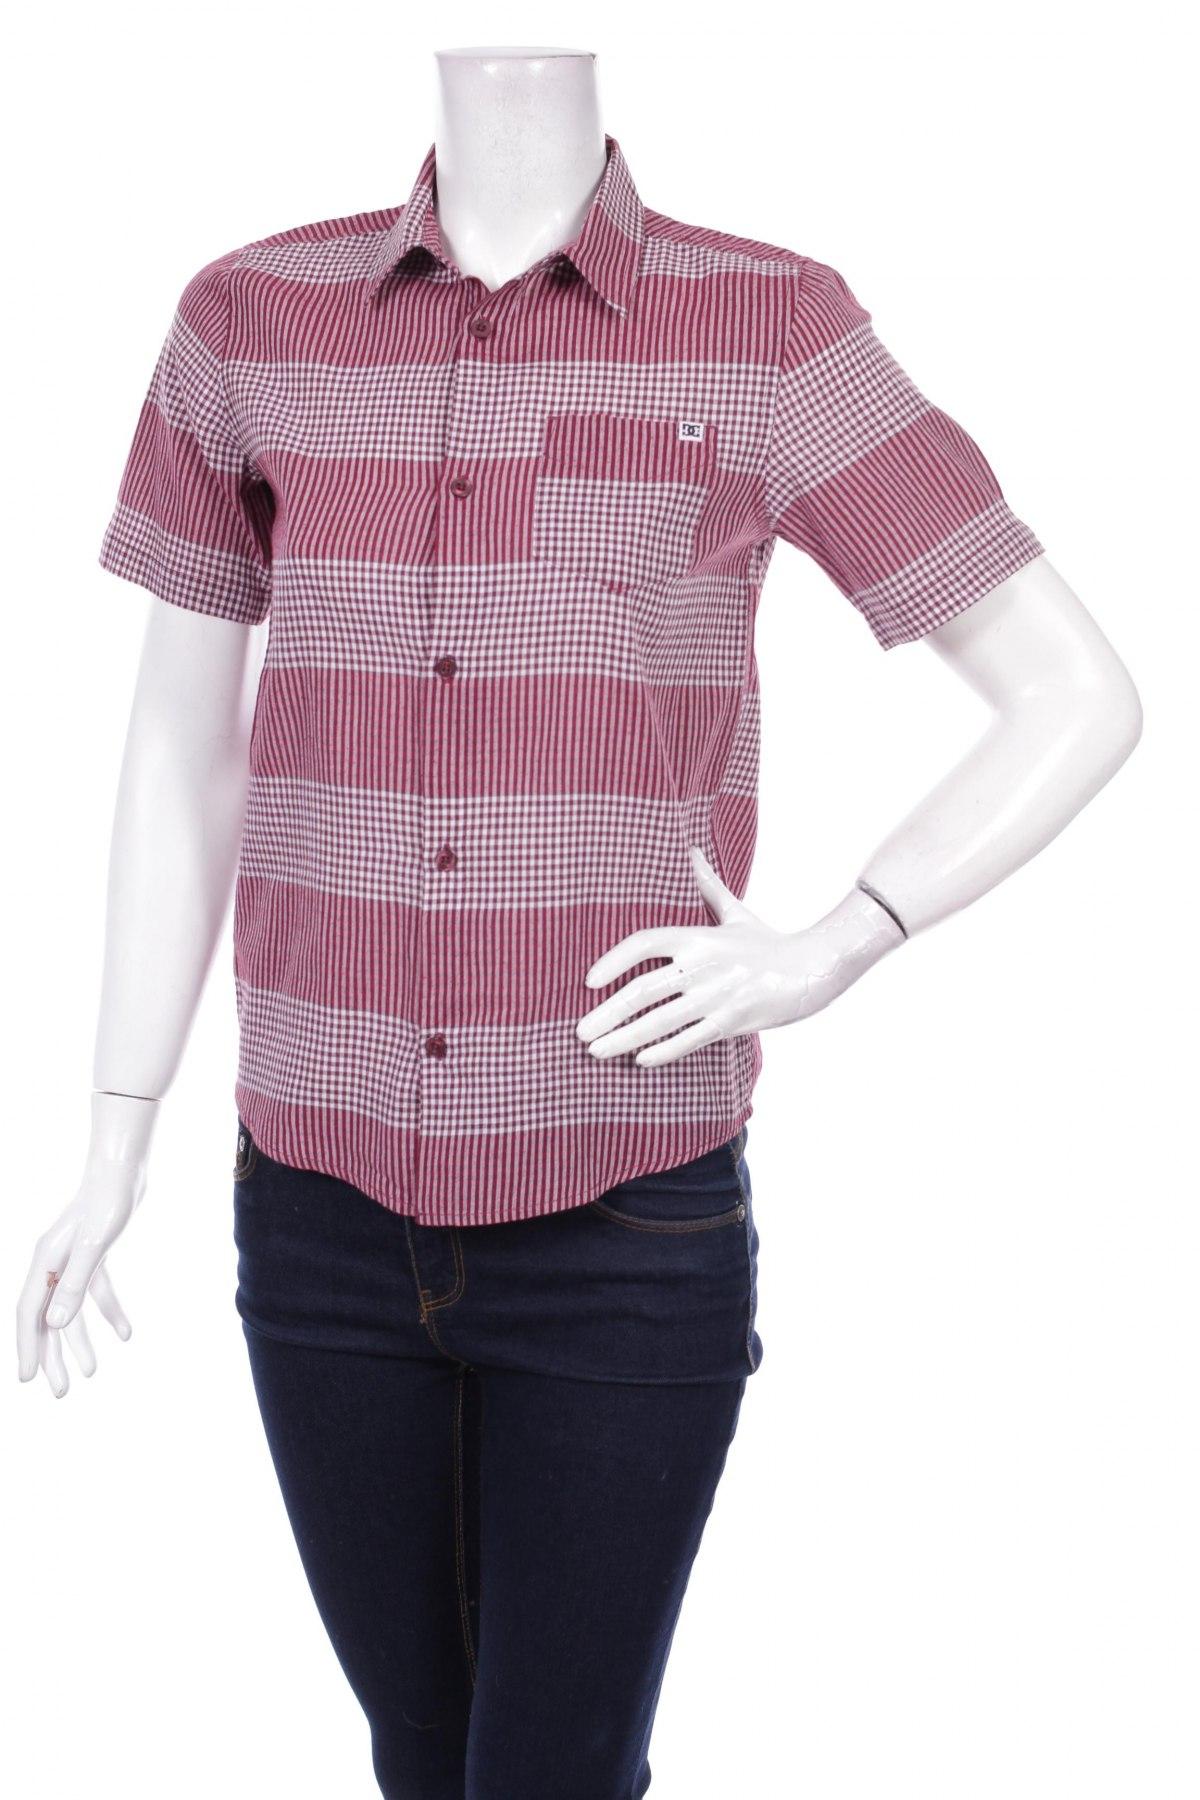 Γυναικείο πουκάμισο Trademark